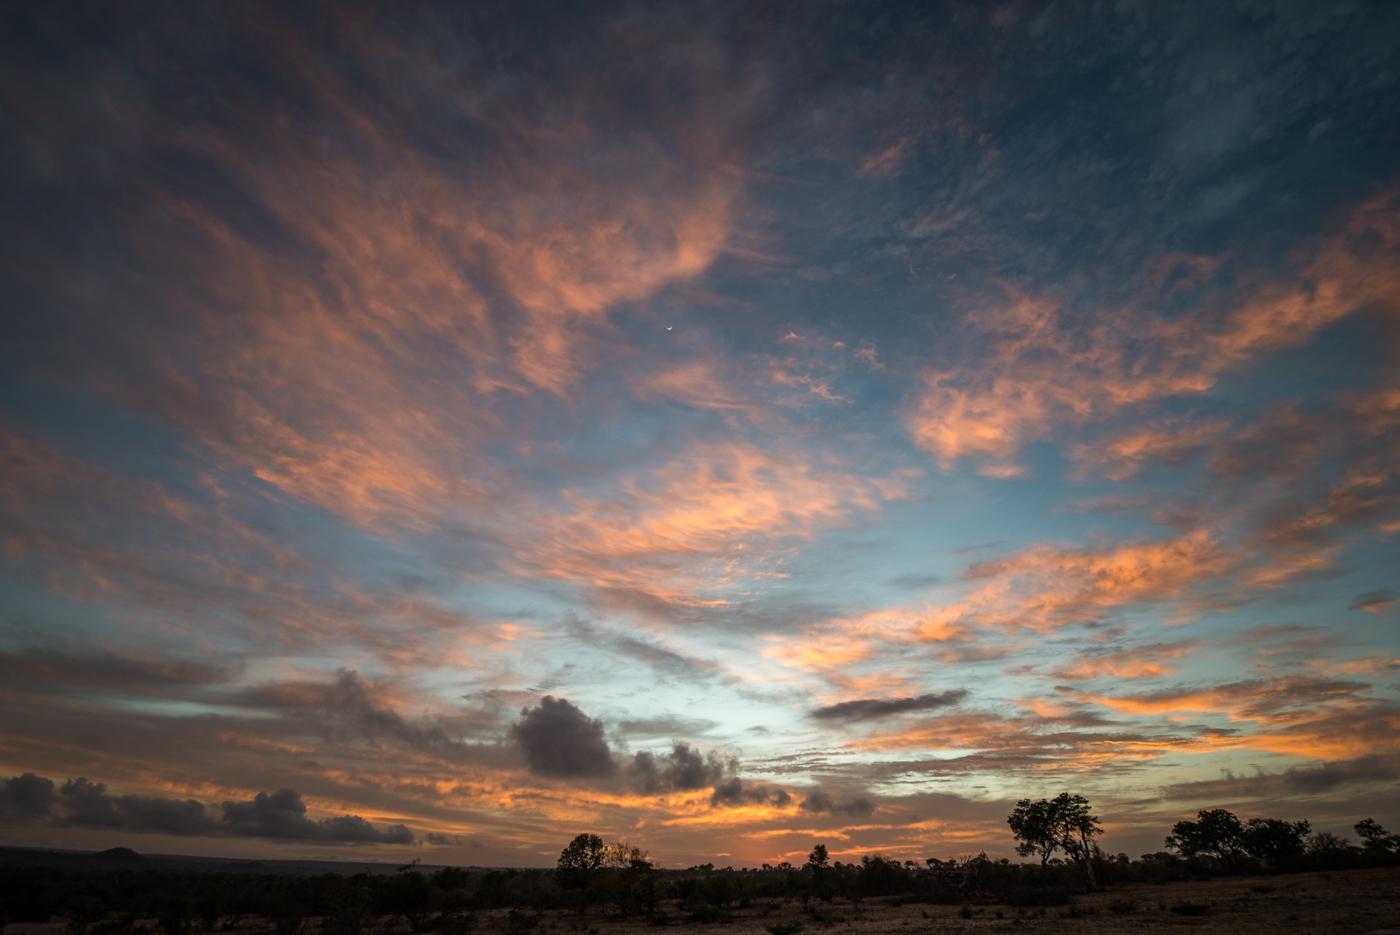 sunrise, clouds, SC